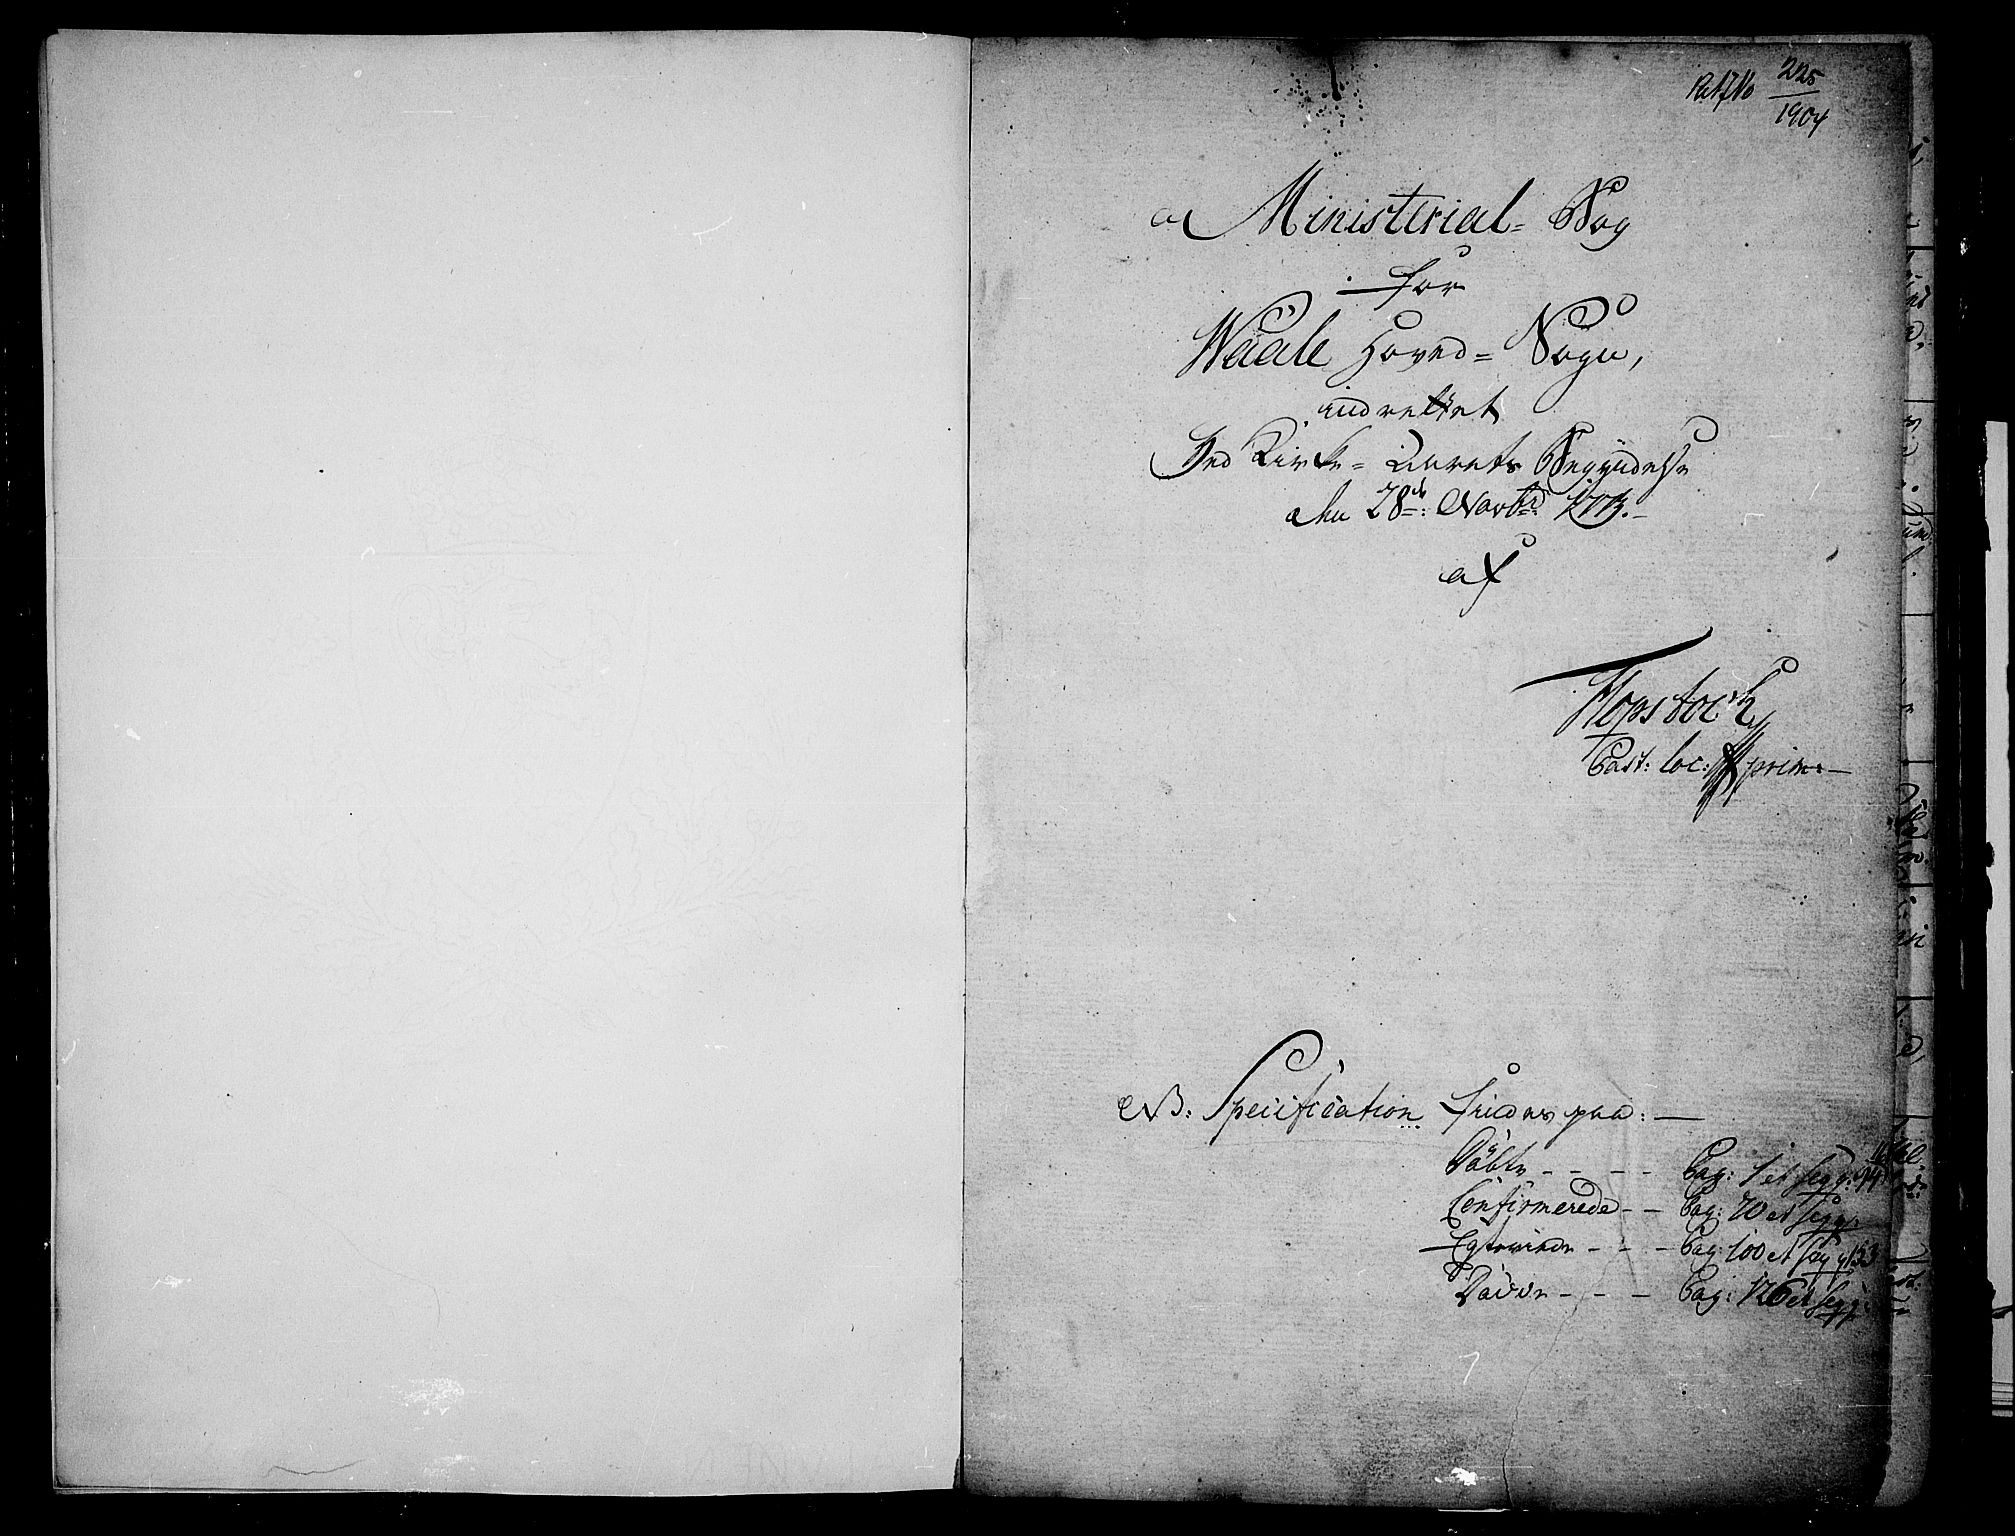 SAKO, Våle kirkebøker, F/Fa/L0005: Ministerialbok nr. I 5, 1773-1808